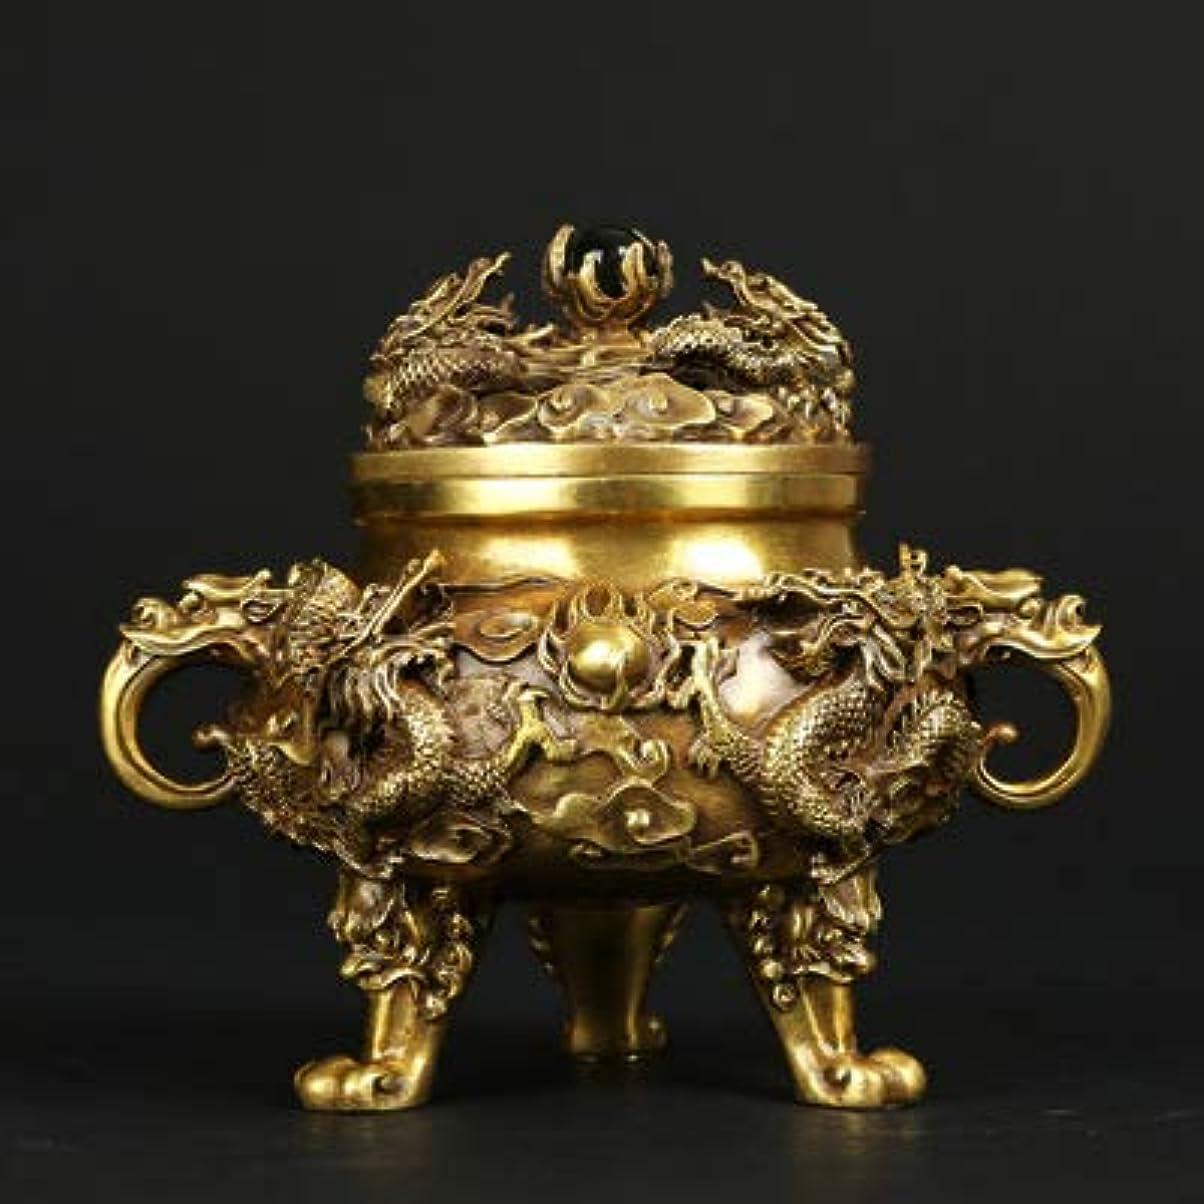 チューインガムエアコン組み合わせPHILOGOD 香炉 銅作るエンボスドラゴンプリント仏壇用 香立て 香皿